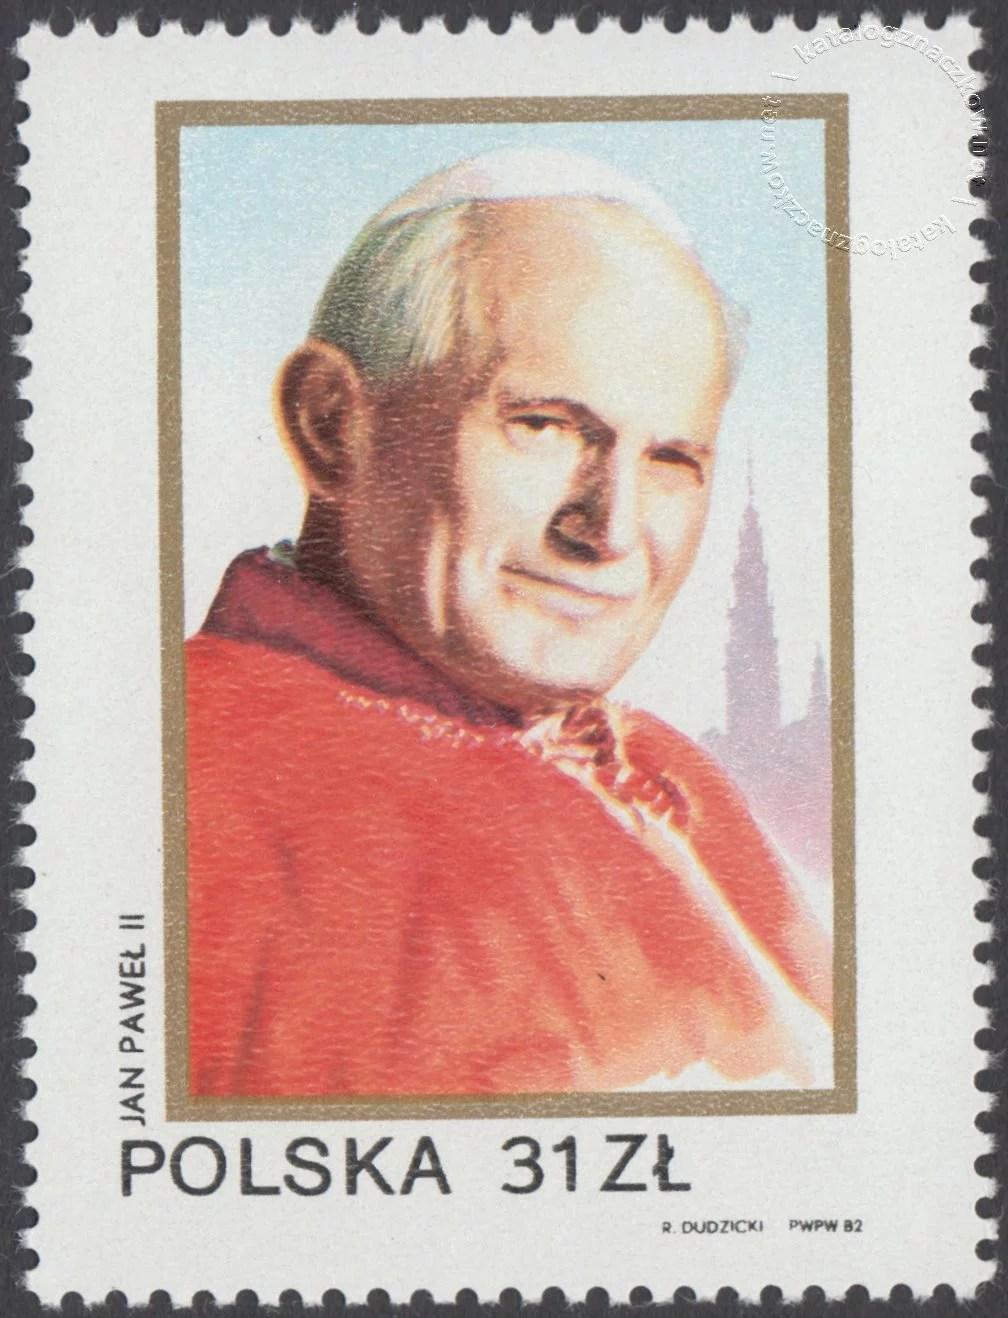 II wizyta papieża Jana Pawła II w Polsce znaczek nr 2720